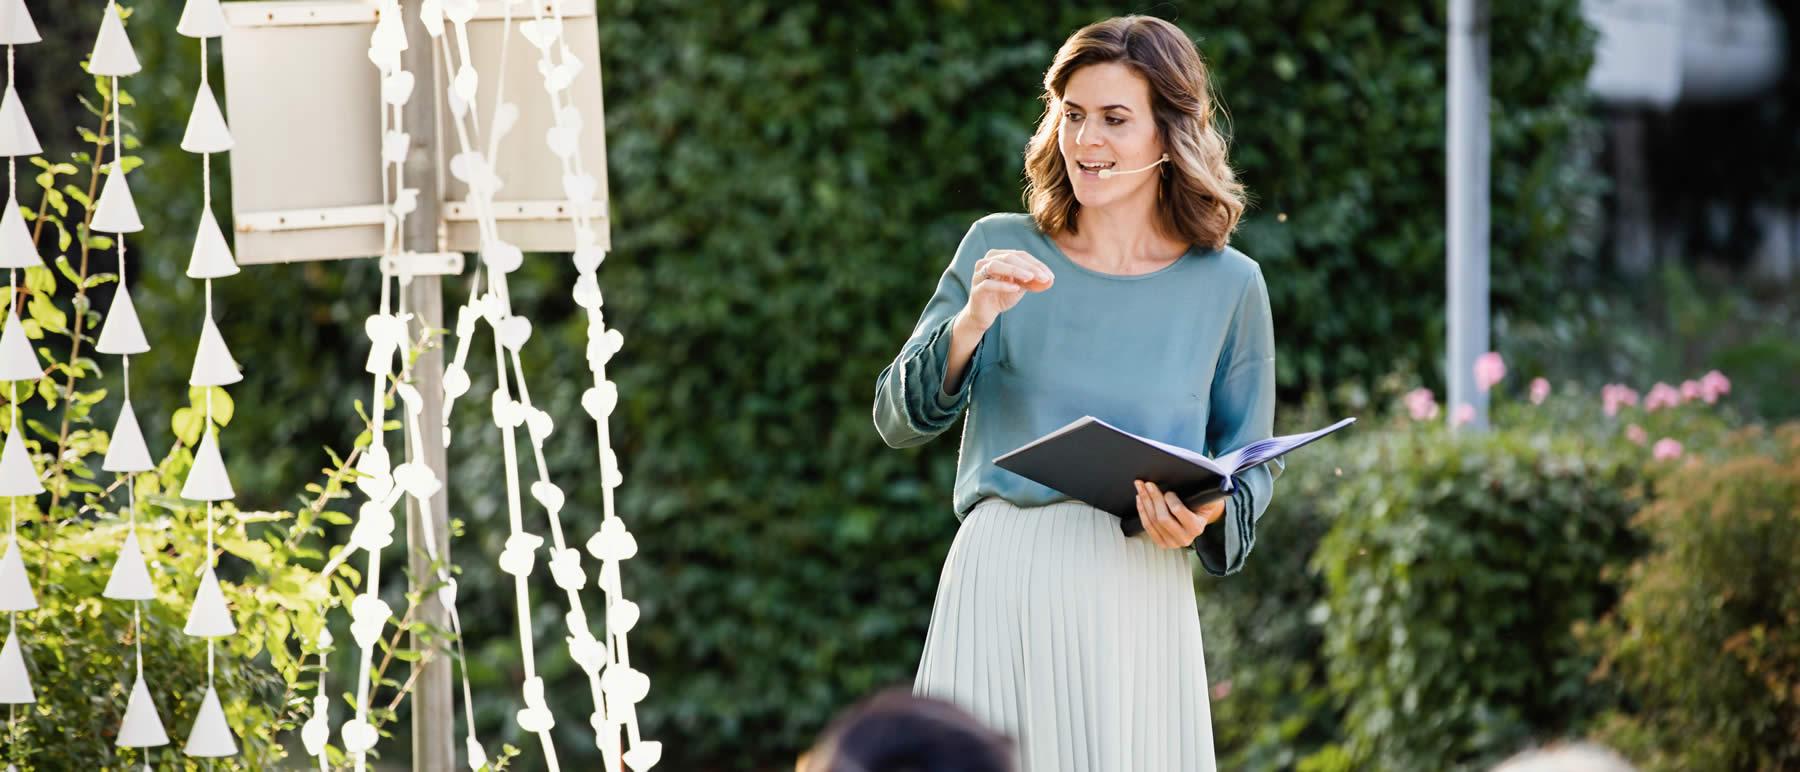 Traurednerin Verena während einer Freien Trauung.